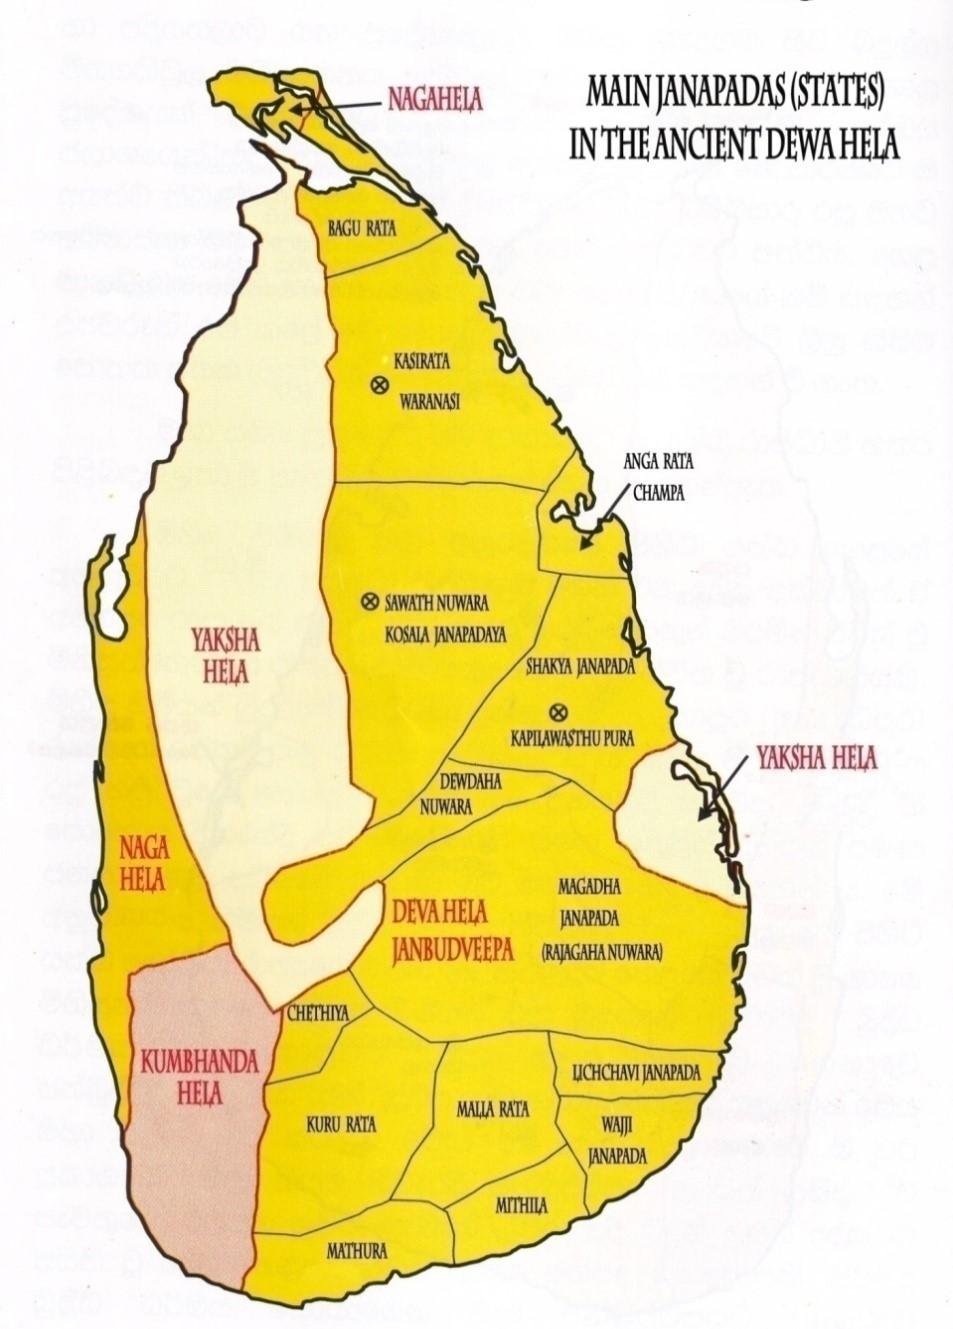 Main Janbudveepa States